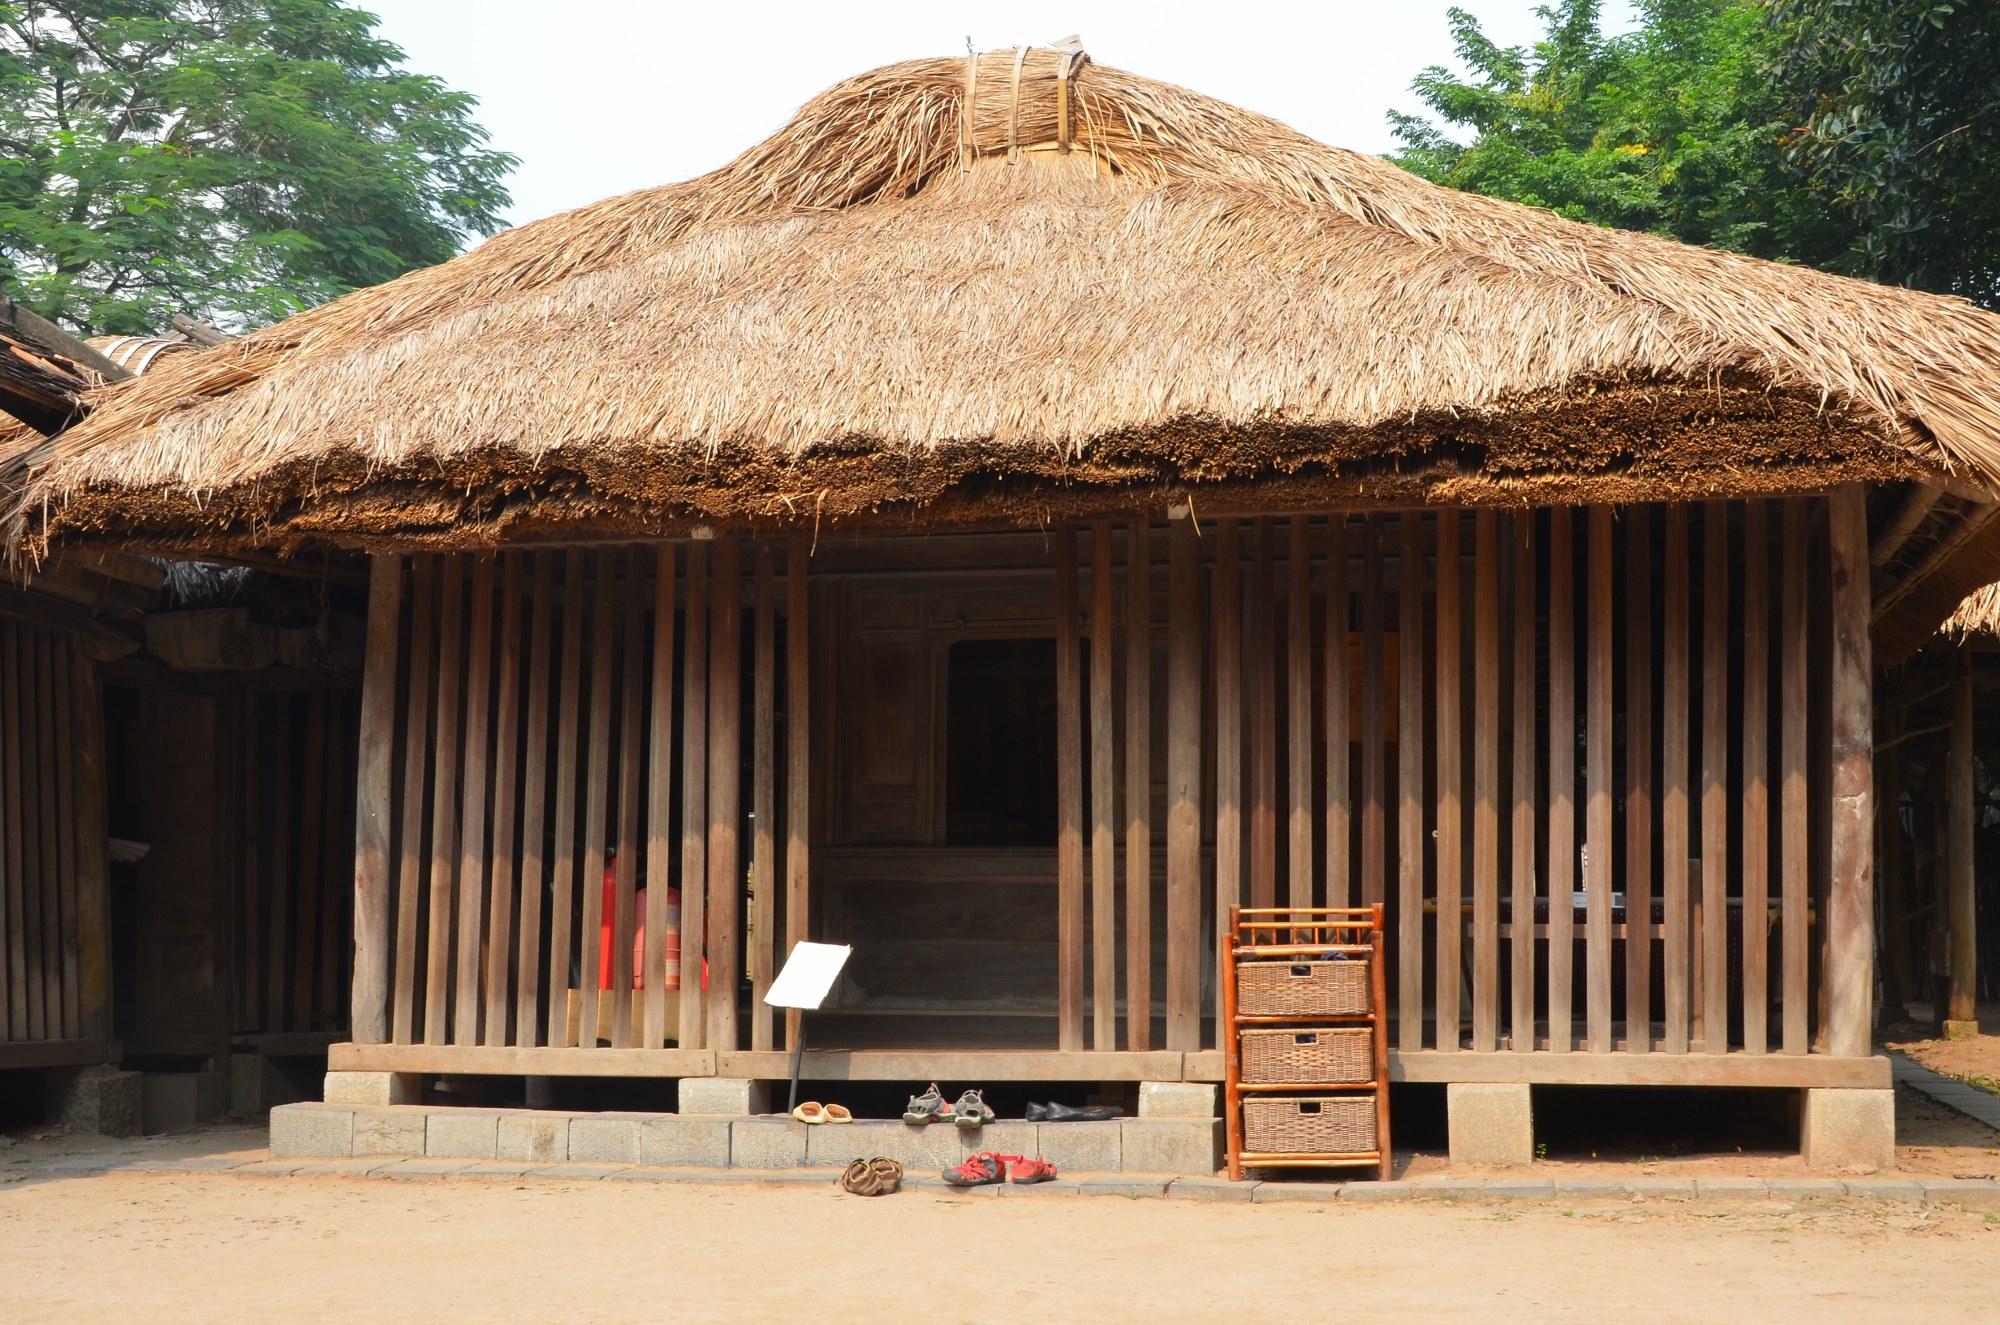 casa etnia cham madeira palha museu etnografia etnologia vietnam hanoi